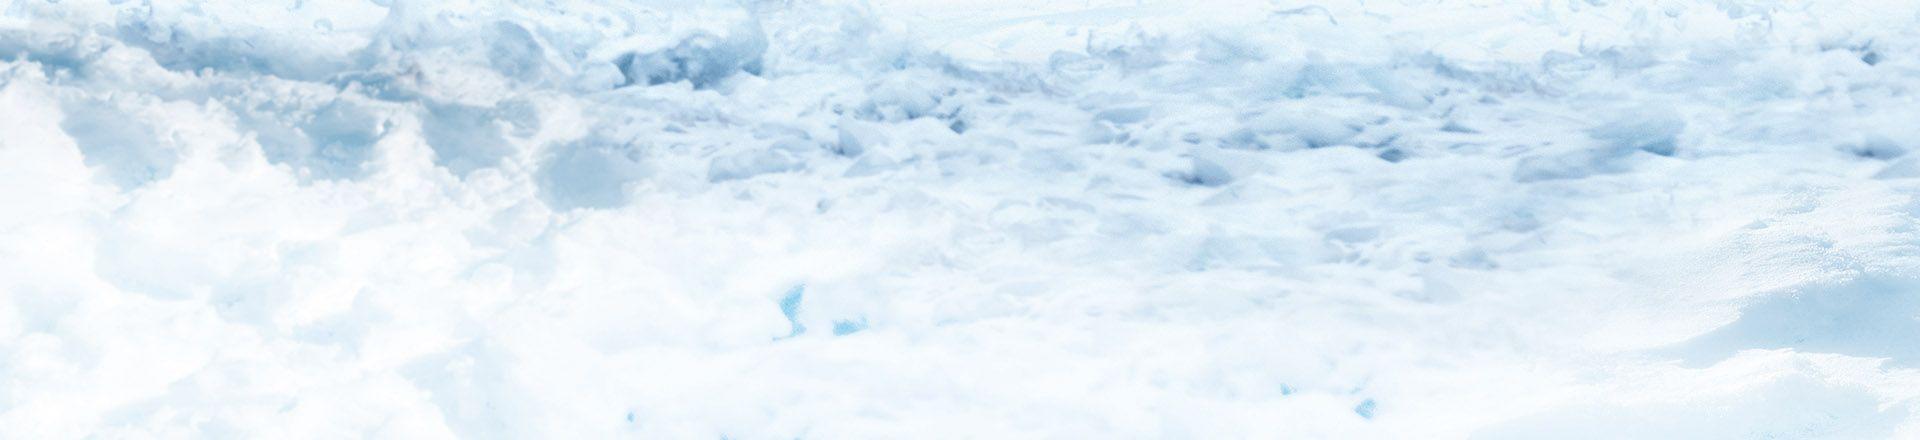 Sneeuwkettingen voor de Ford Escort